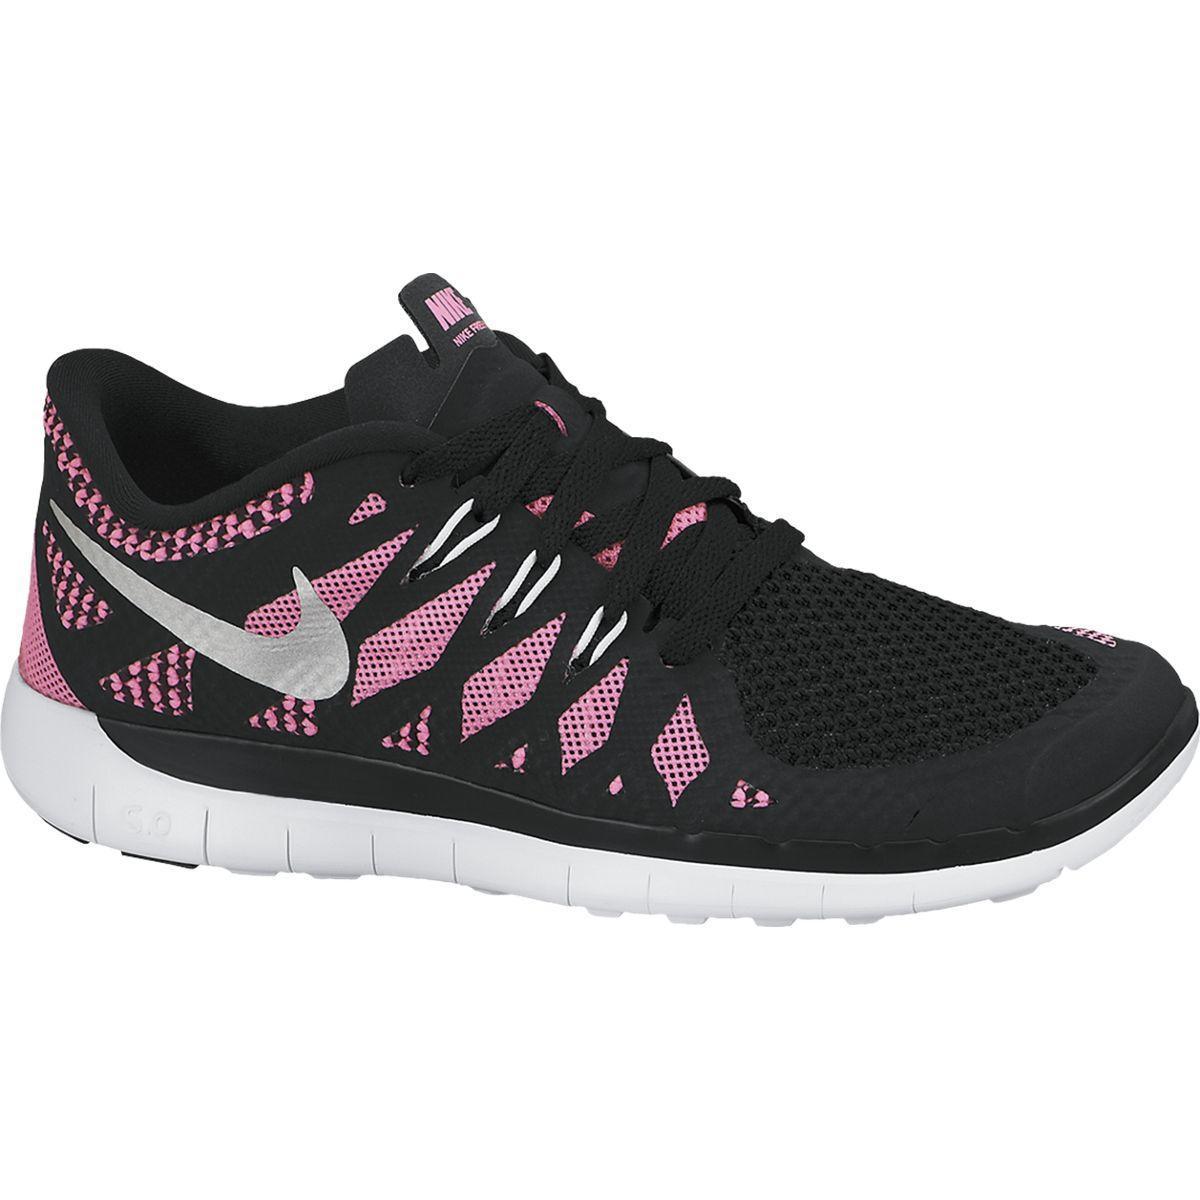 8049dea863d2 Nike Kids Free 5.0+ Running Shoes - Black Pink Glow - Tennisnuts.com